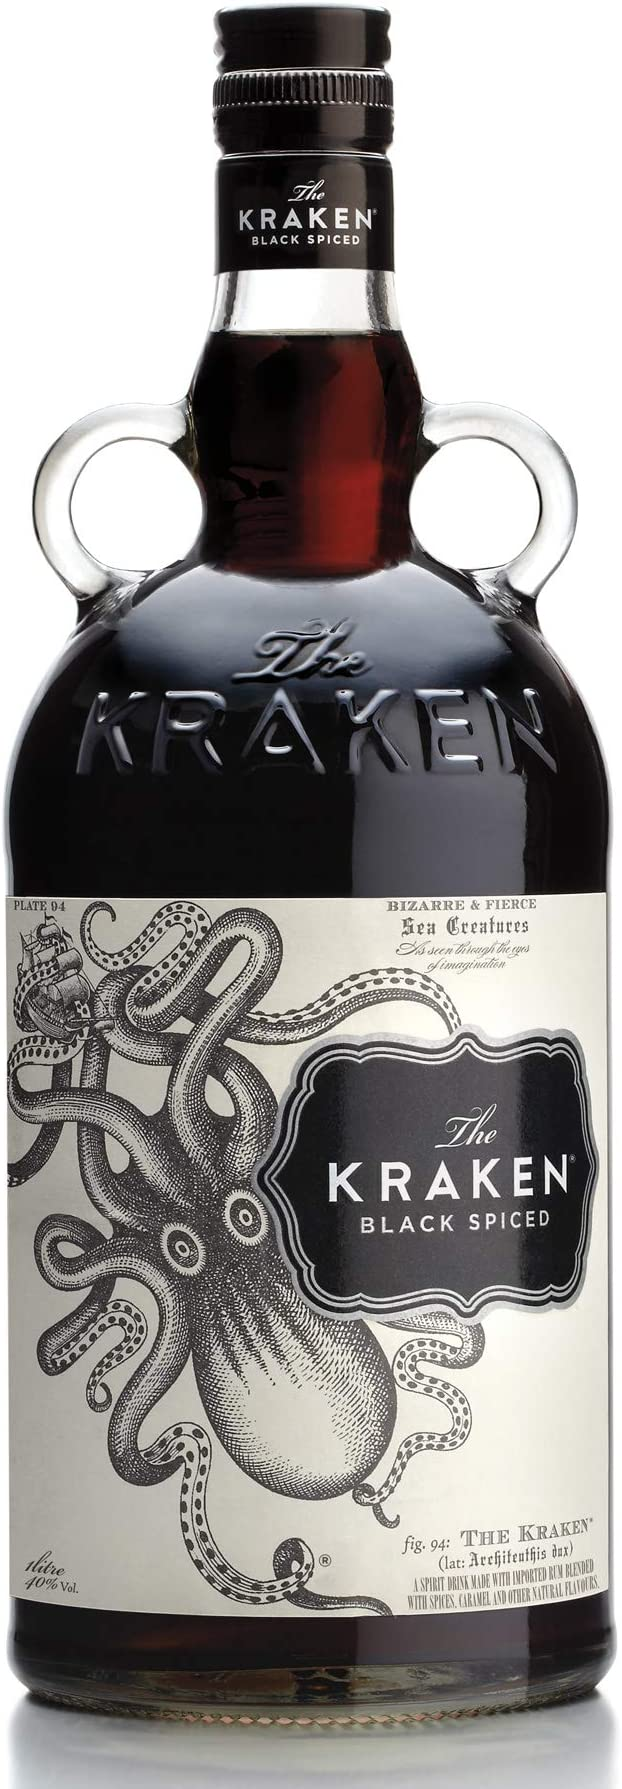 The Kraken The Kraken Black Spiced 40% Vol. 1L - 1000 ml